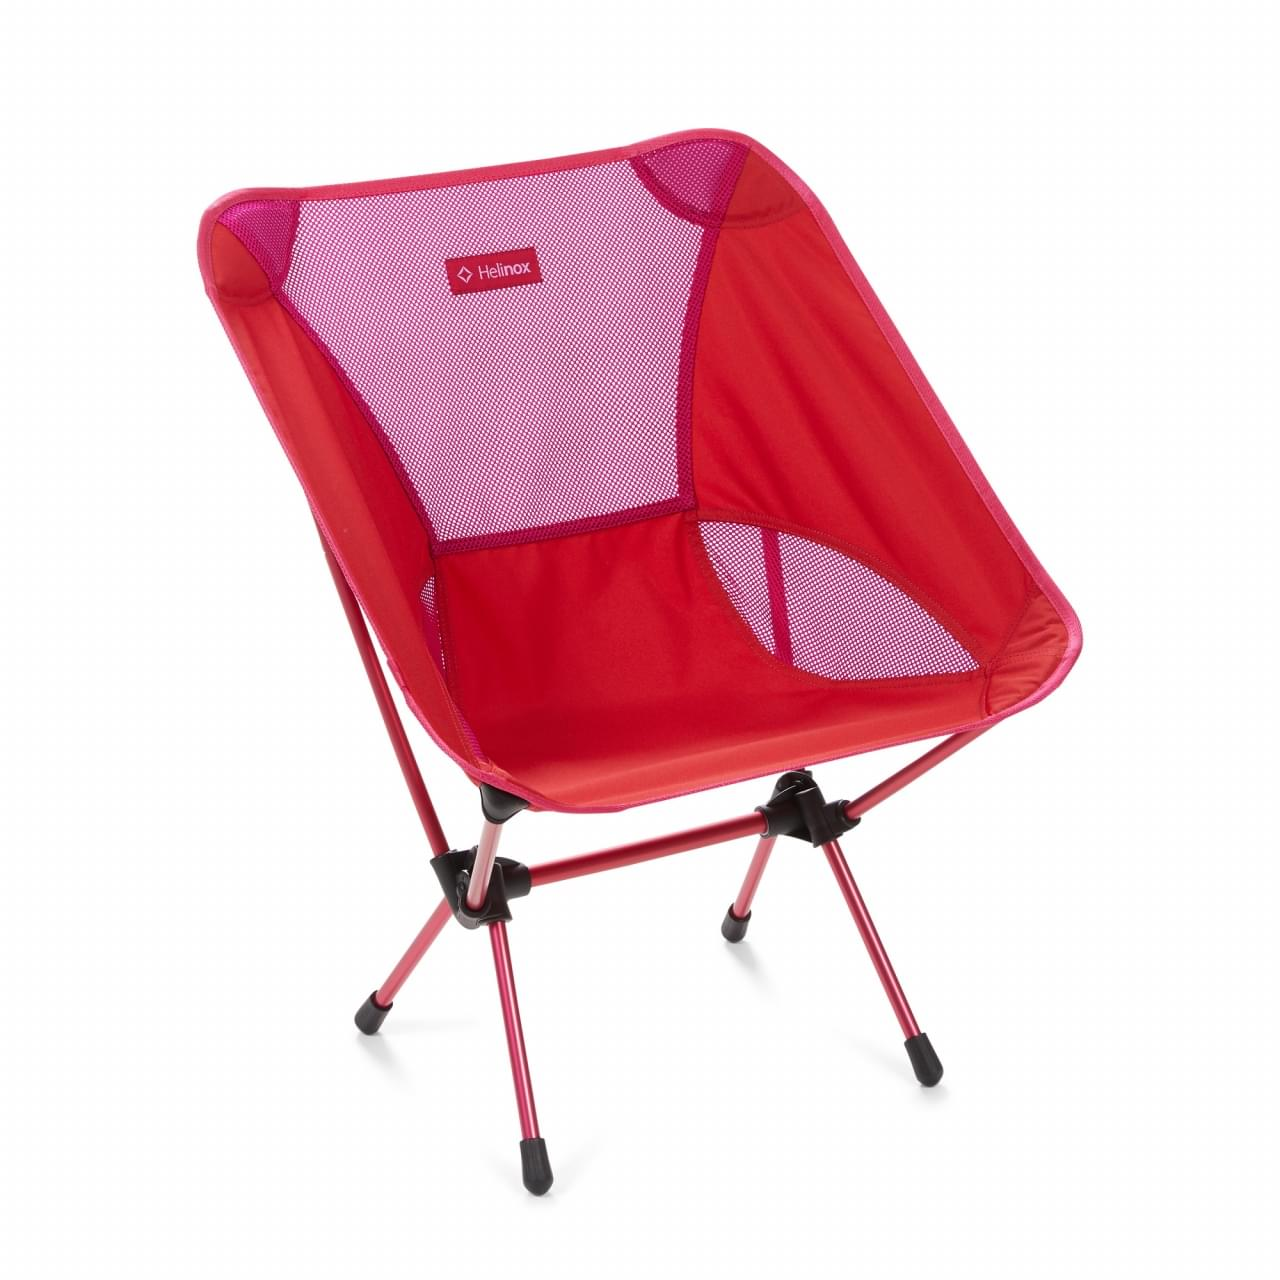 Helinox Chair One Block Lichtgewicht Stoel